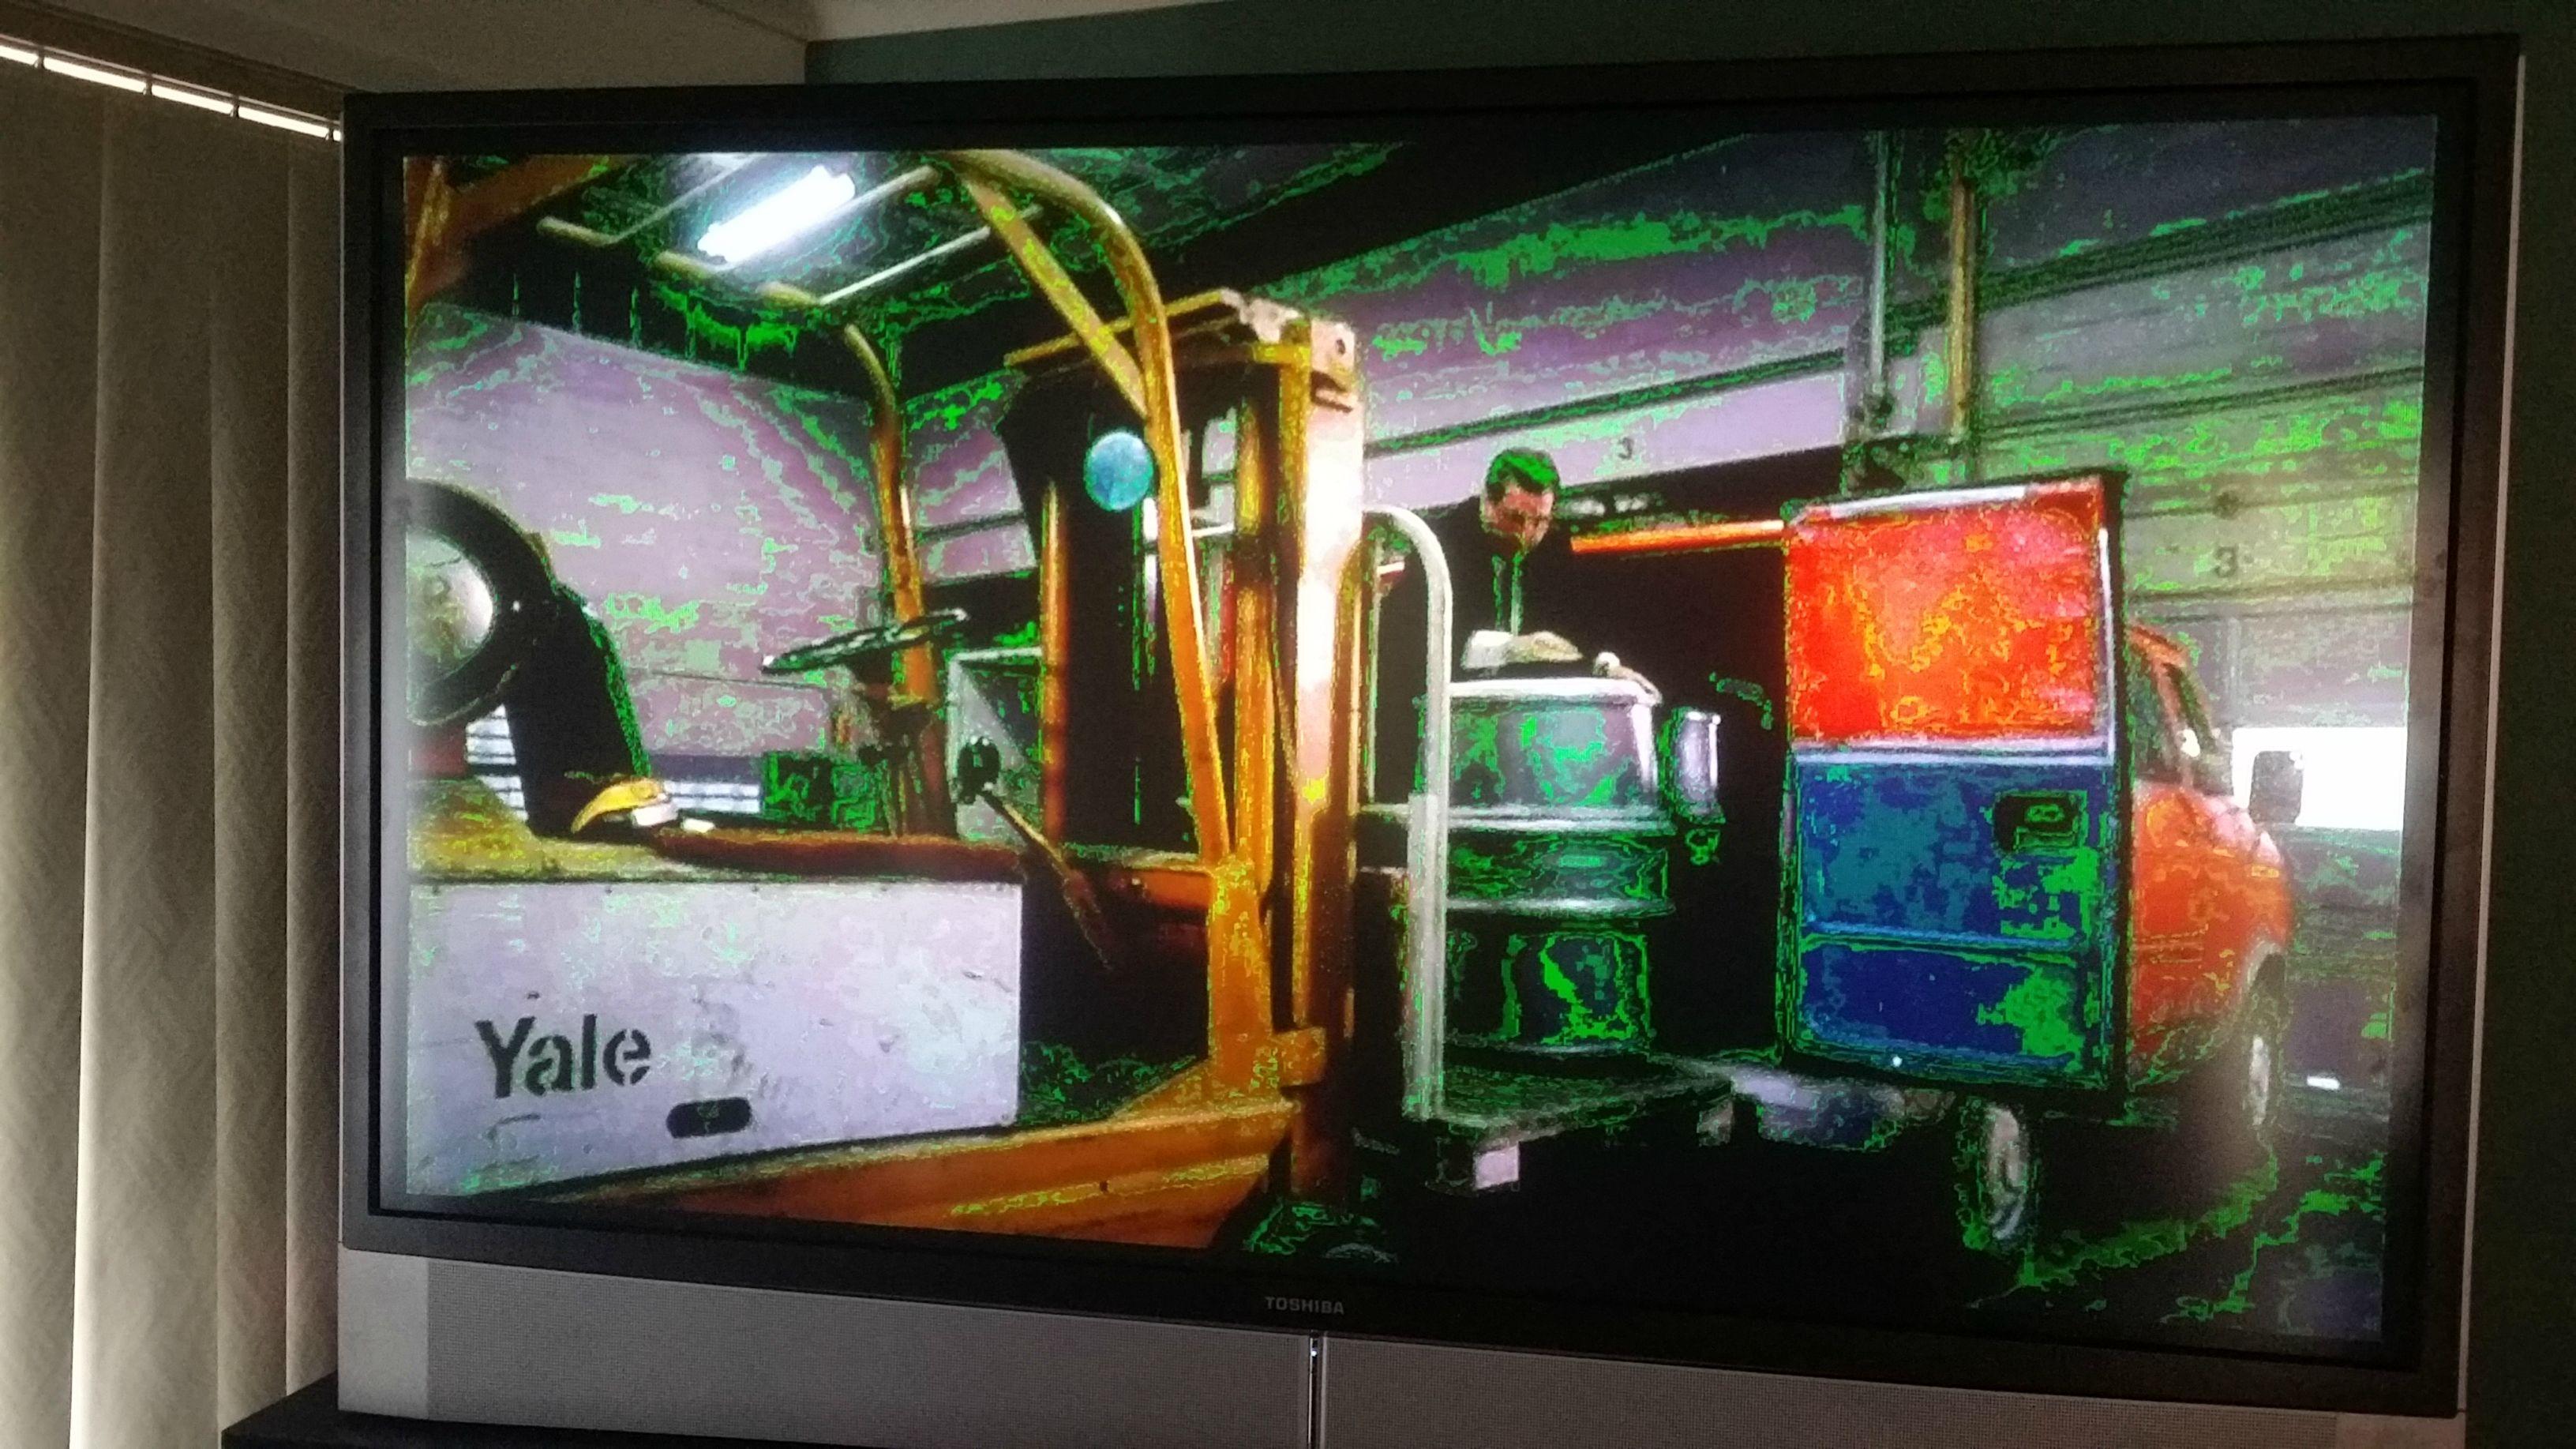 mitsubishi picture tcon ebay dsc p dlp of samsung tv